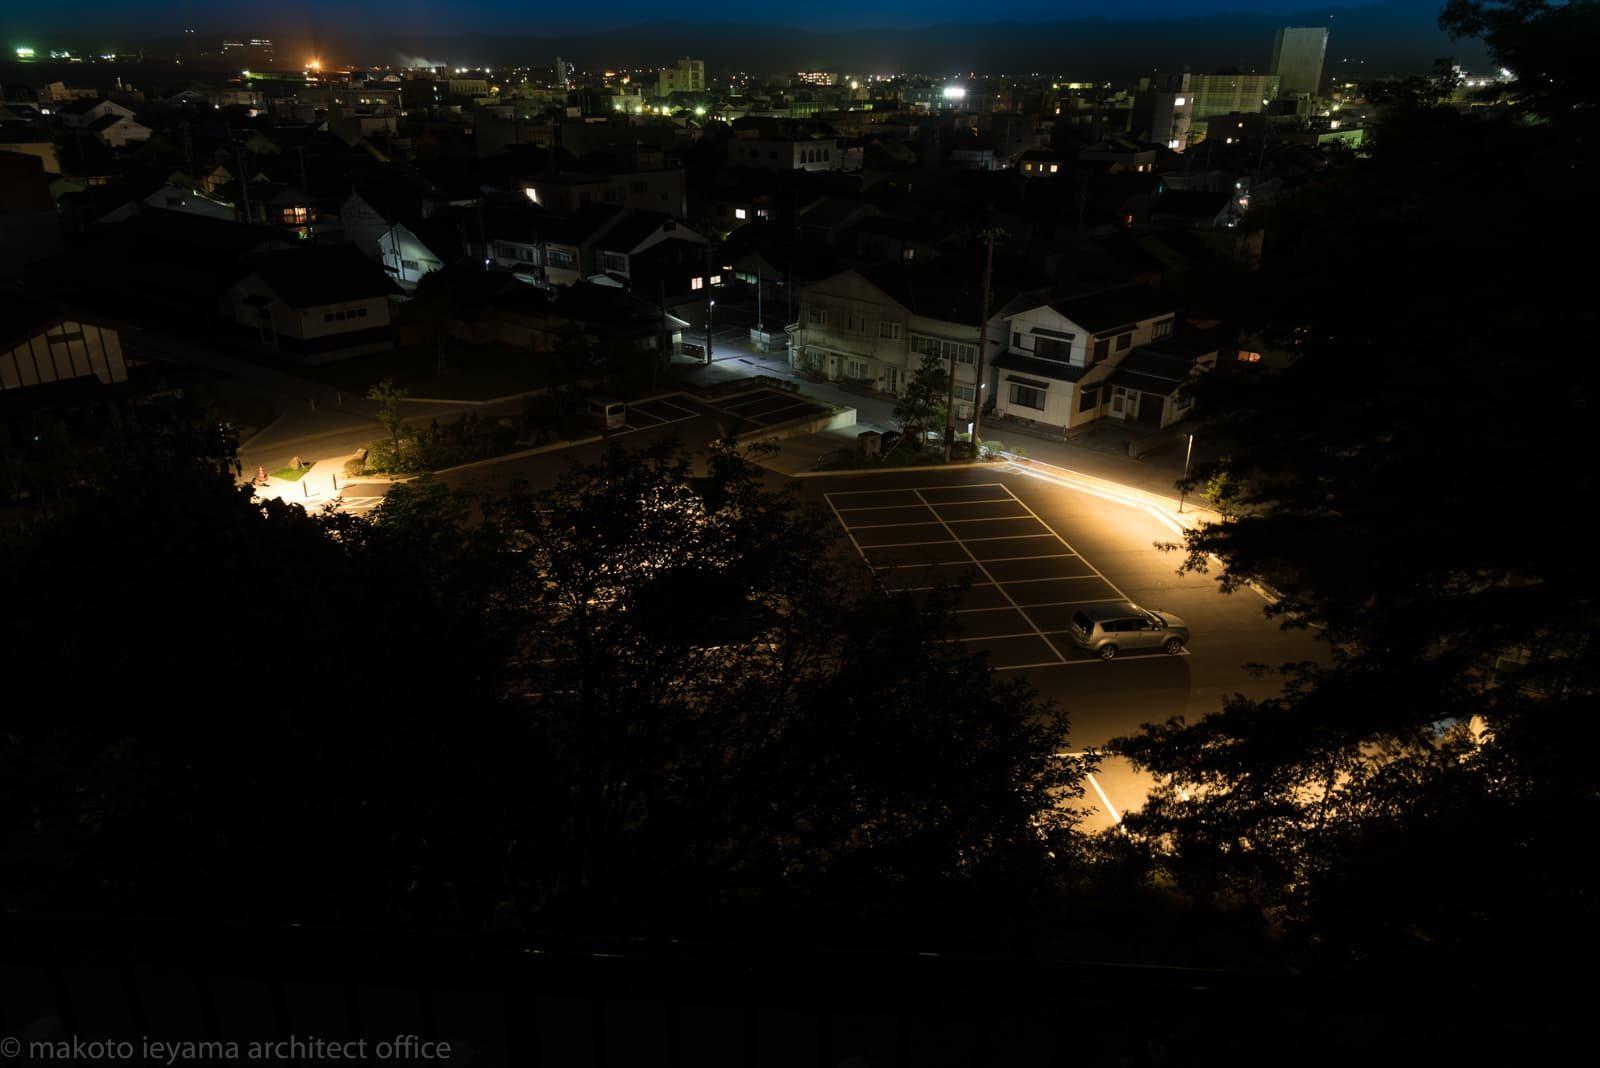 小丸山城址公園 駐車場夜景